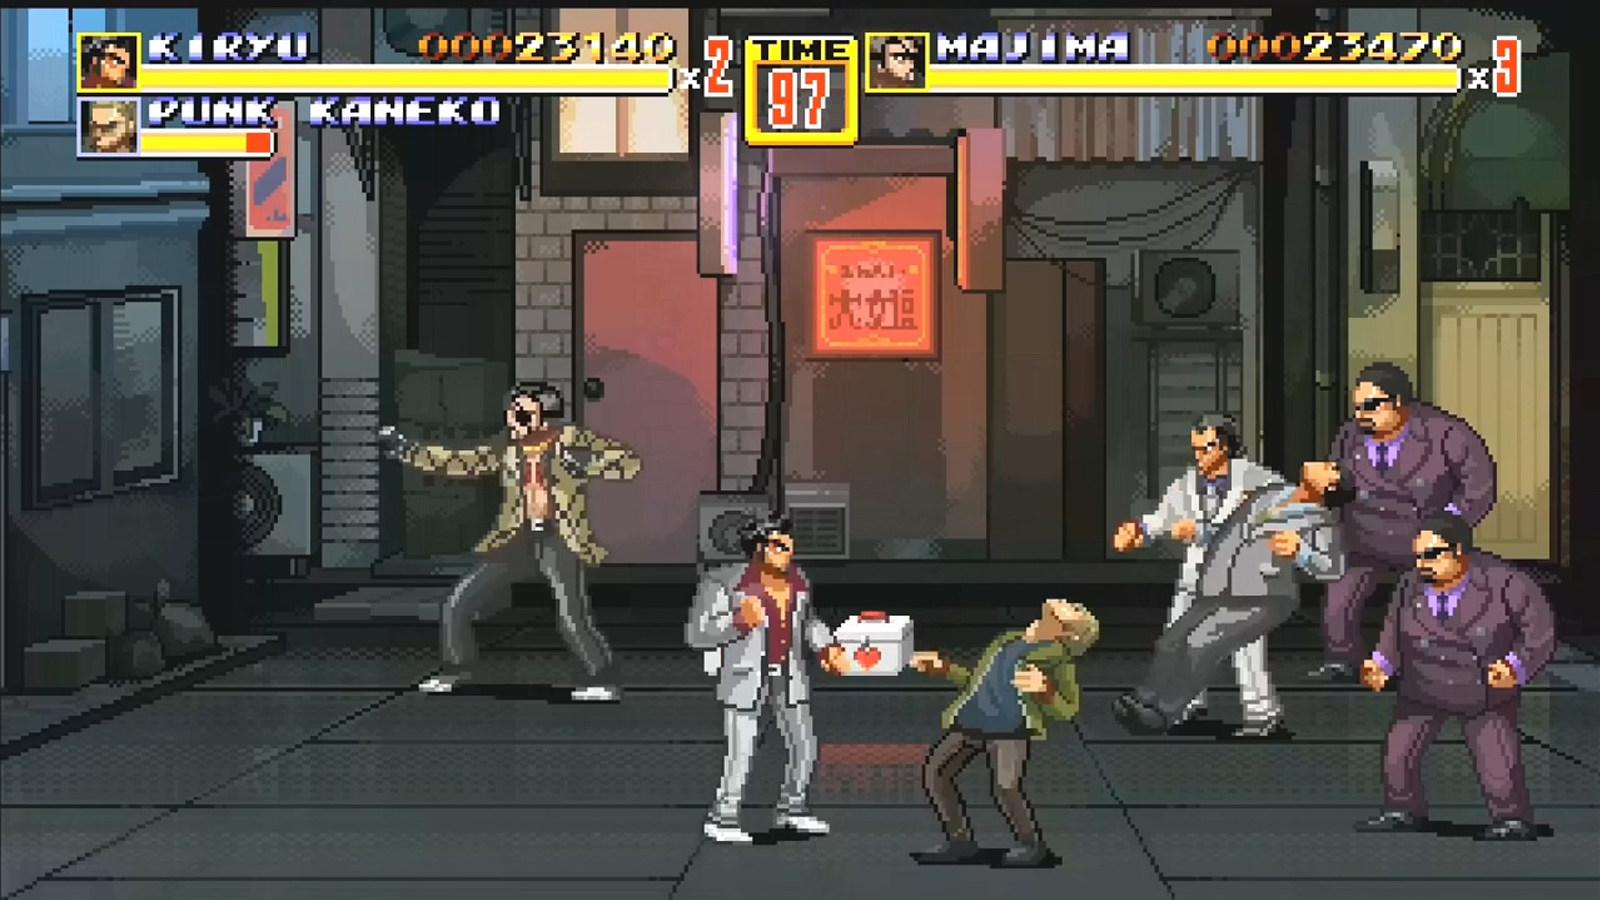 《人中之龙》×《怒之铁拳》!免费横版动作游戏《神室町之铁拳》10月17-19登陆Steam